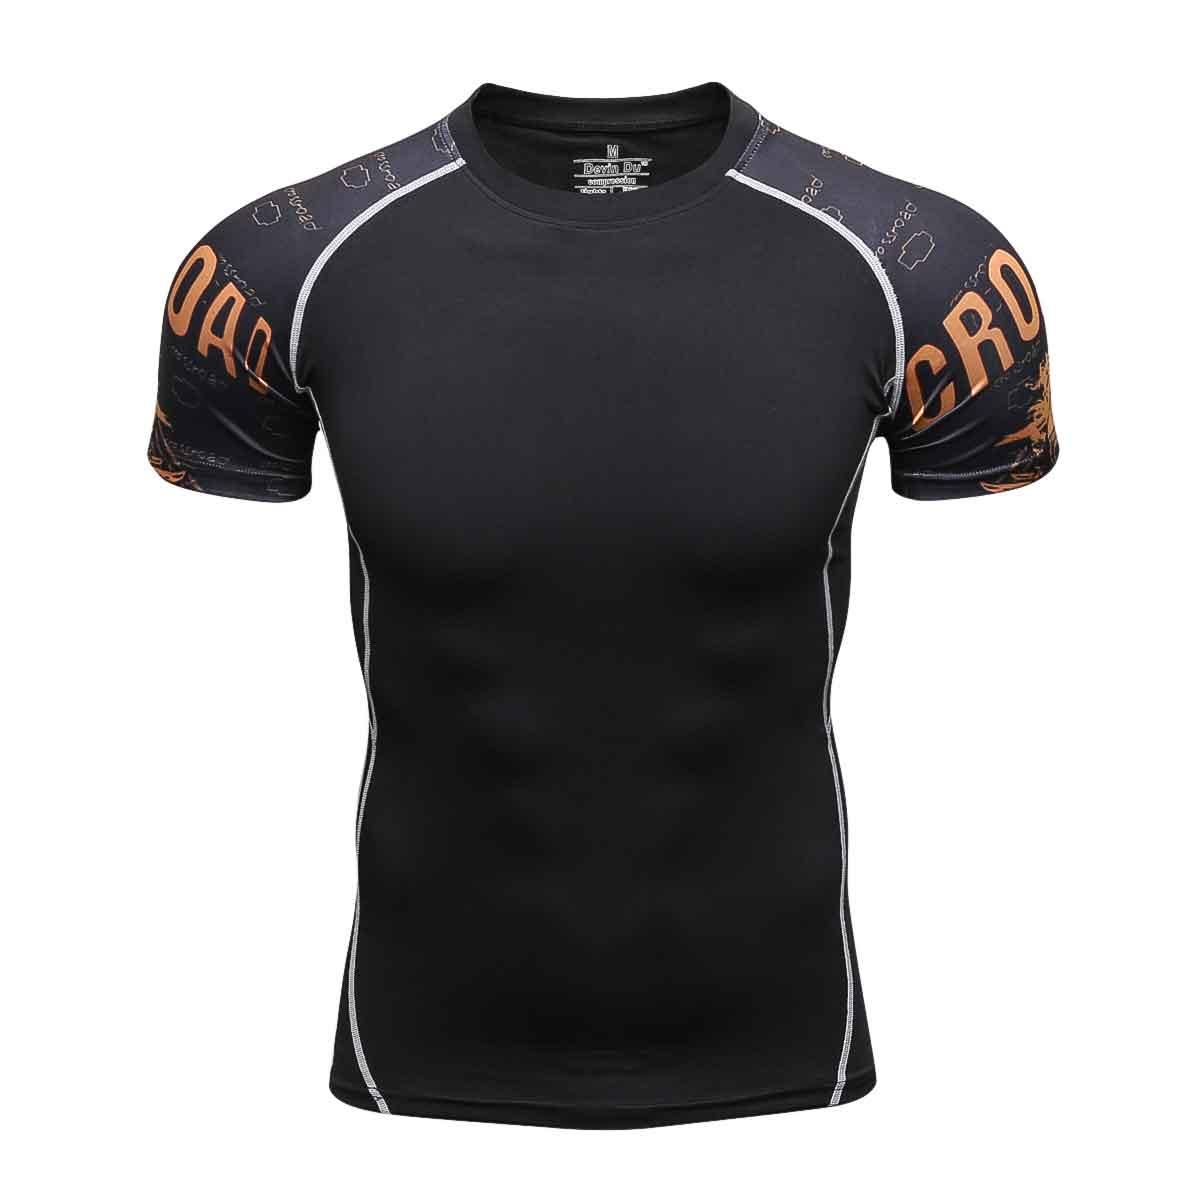 2018 хлопковая Футболка Для мужчин прохладный черный летние шорты рукавами футболка смешные Повседневное EU/us Размеры футболки